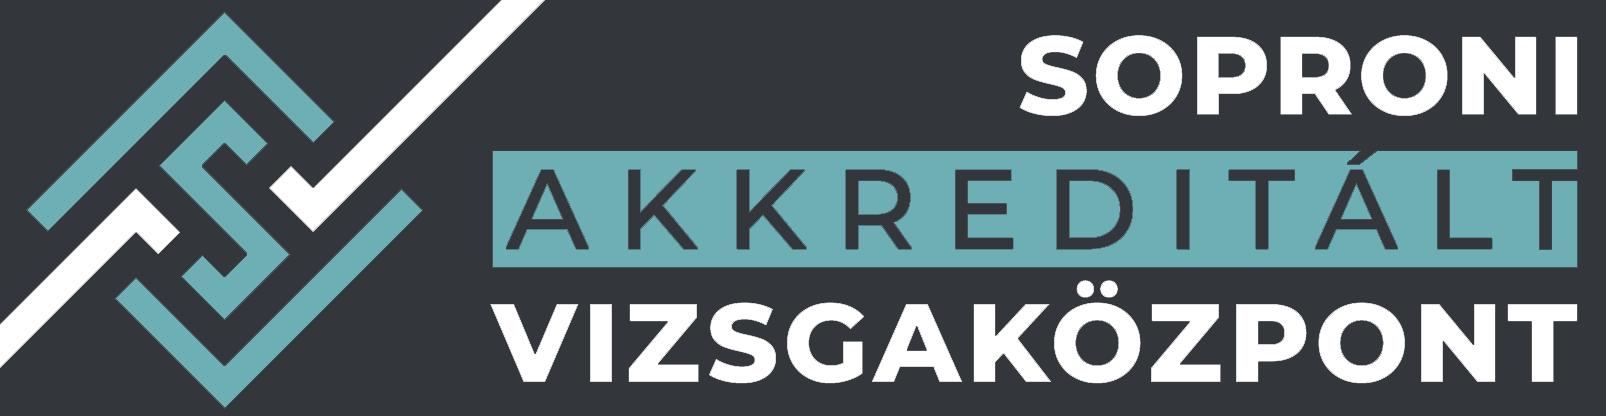 Soproni Akkreditált Vizsgaközpont